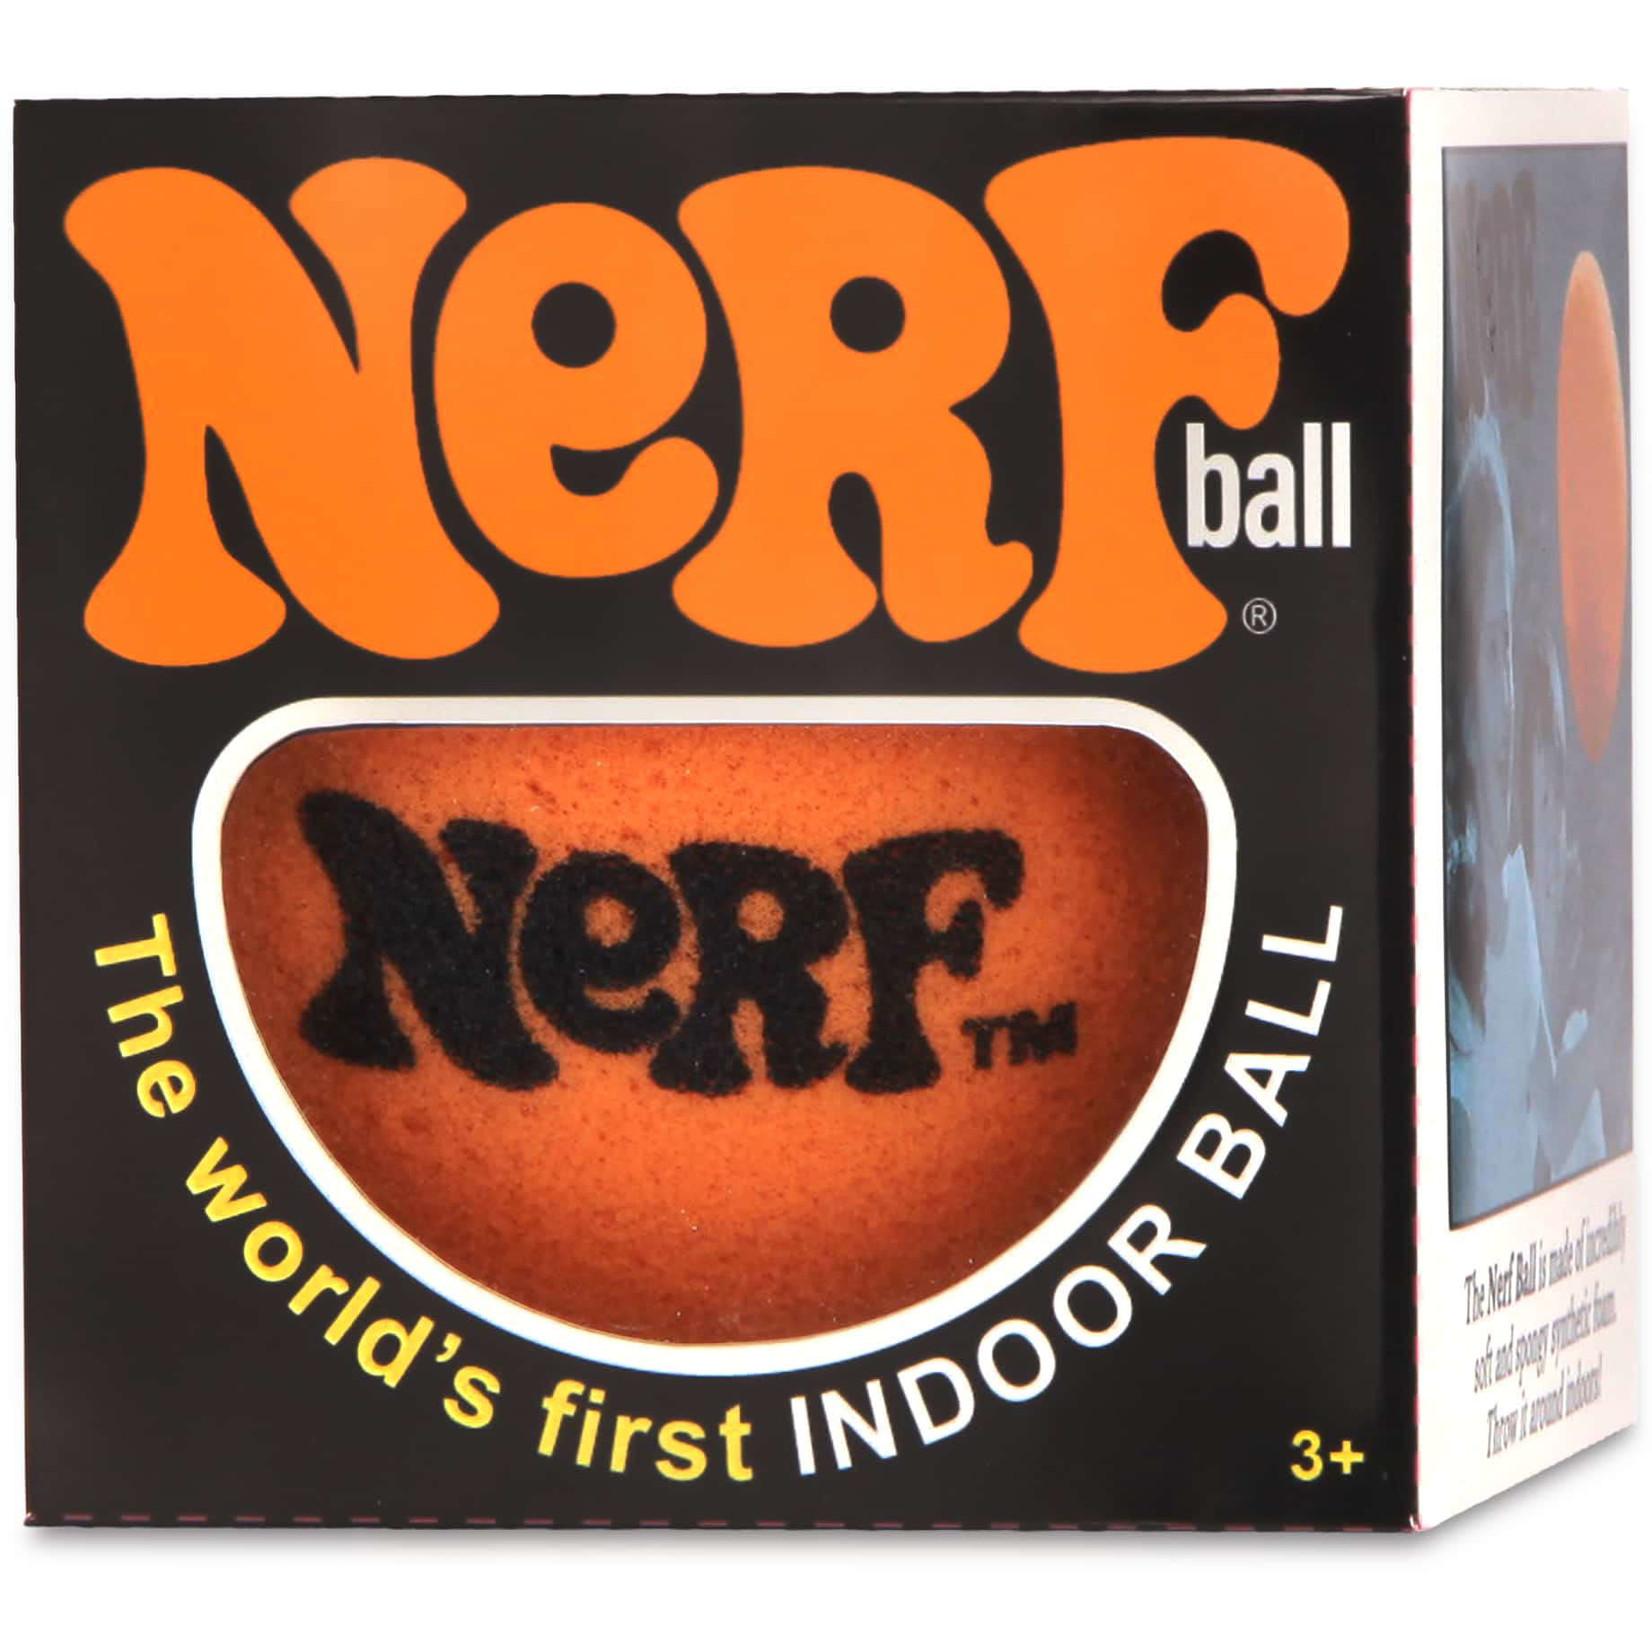 SCHYLLING ORIGINAL NERF BALL